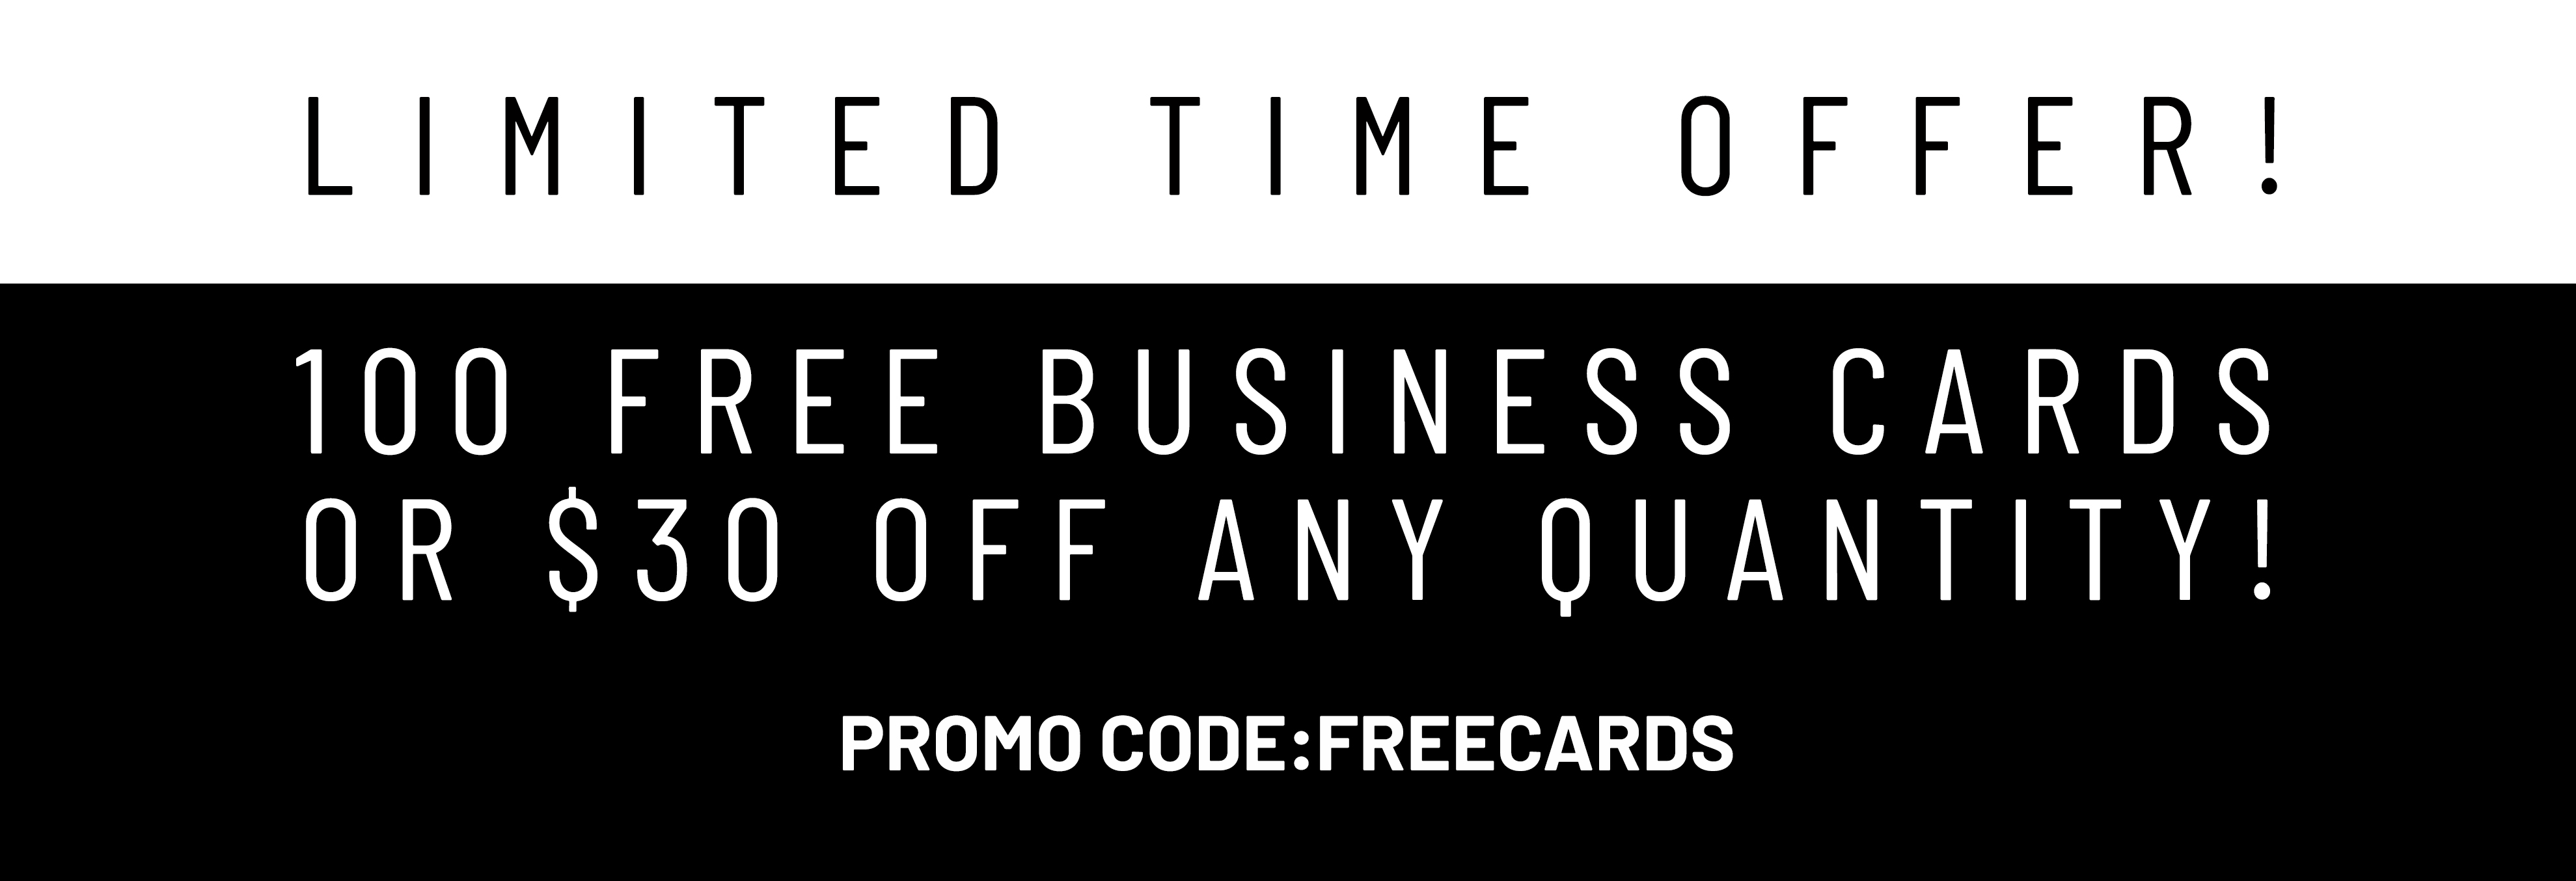 free card promo